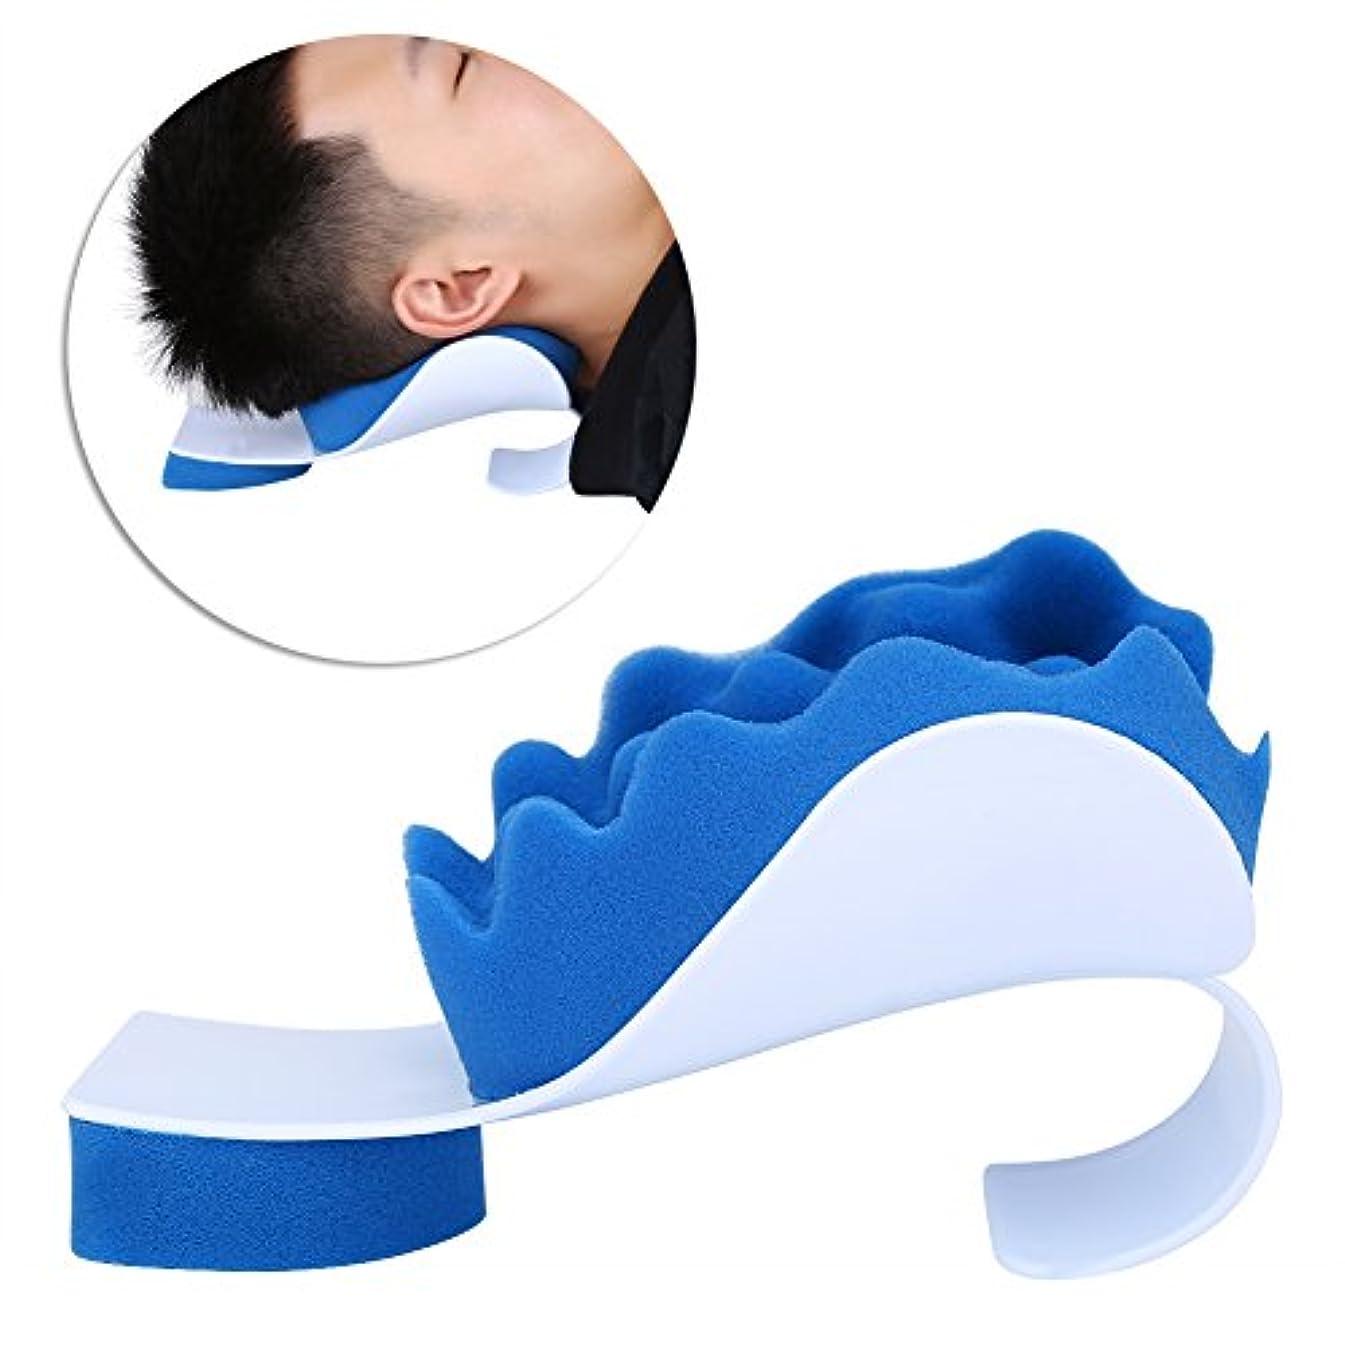 視力動物活気づくマッサージ枕 首ストレッチャー ネック枕 ツボ押し リラックス ストレス解消 頚椎/首筋矯正 首筋押圧 肩こり 首こり 改善